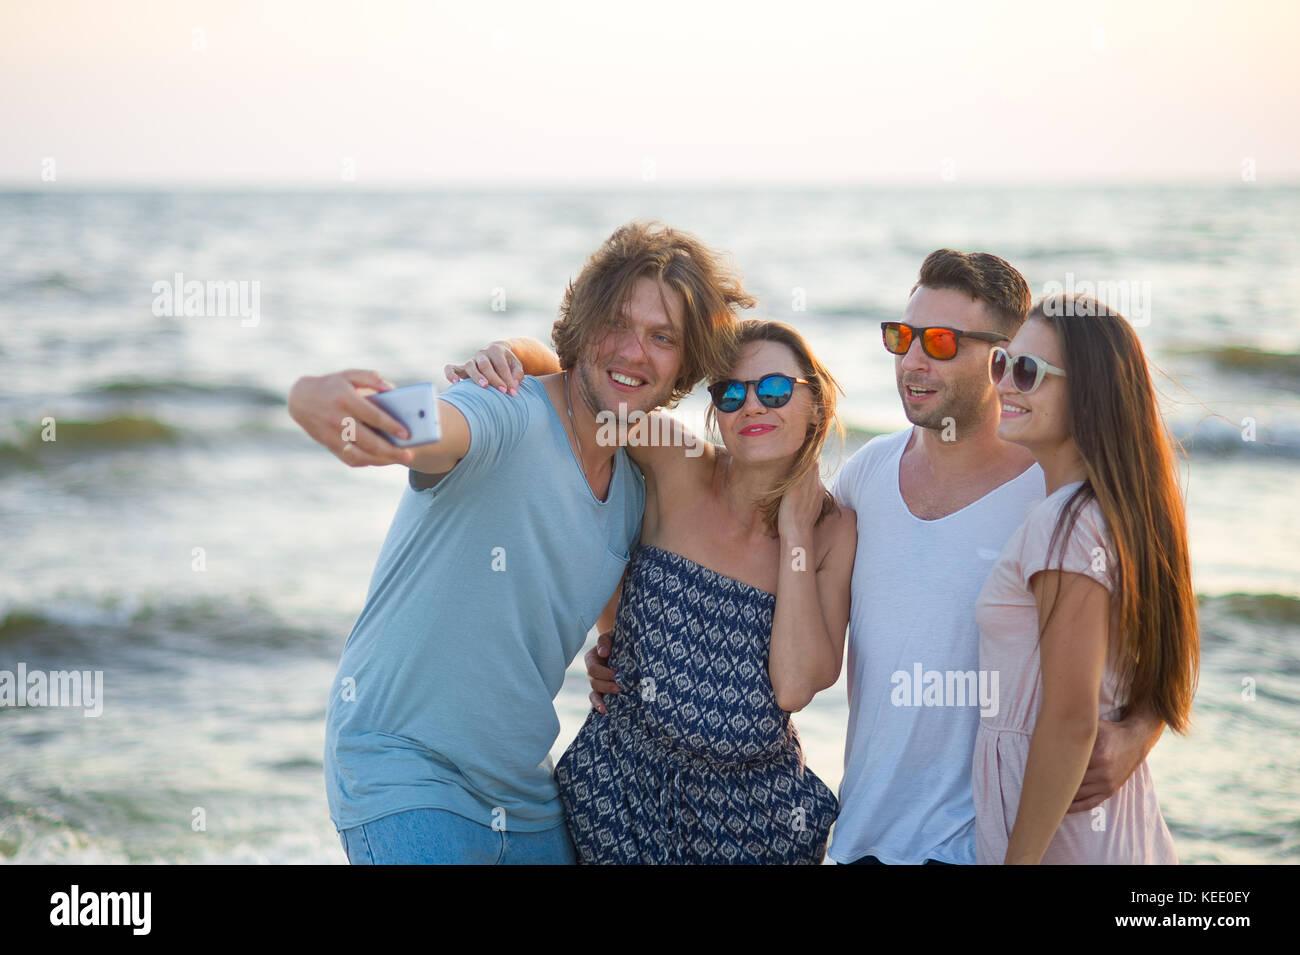 Il Gruppo Di Allegro Giovani Fotografato Sulla Spiaggia Due Ragazzi